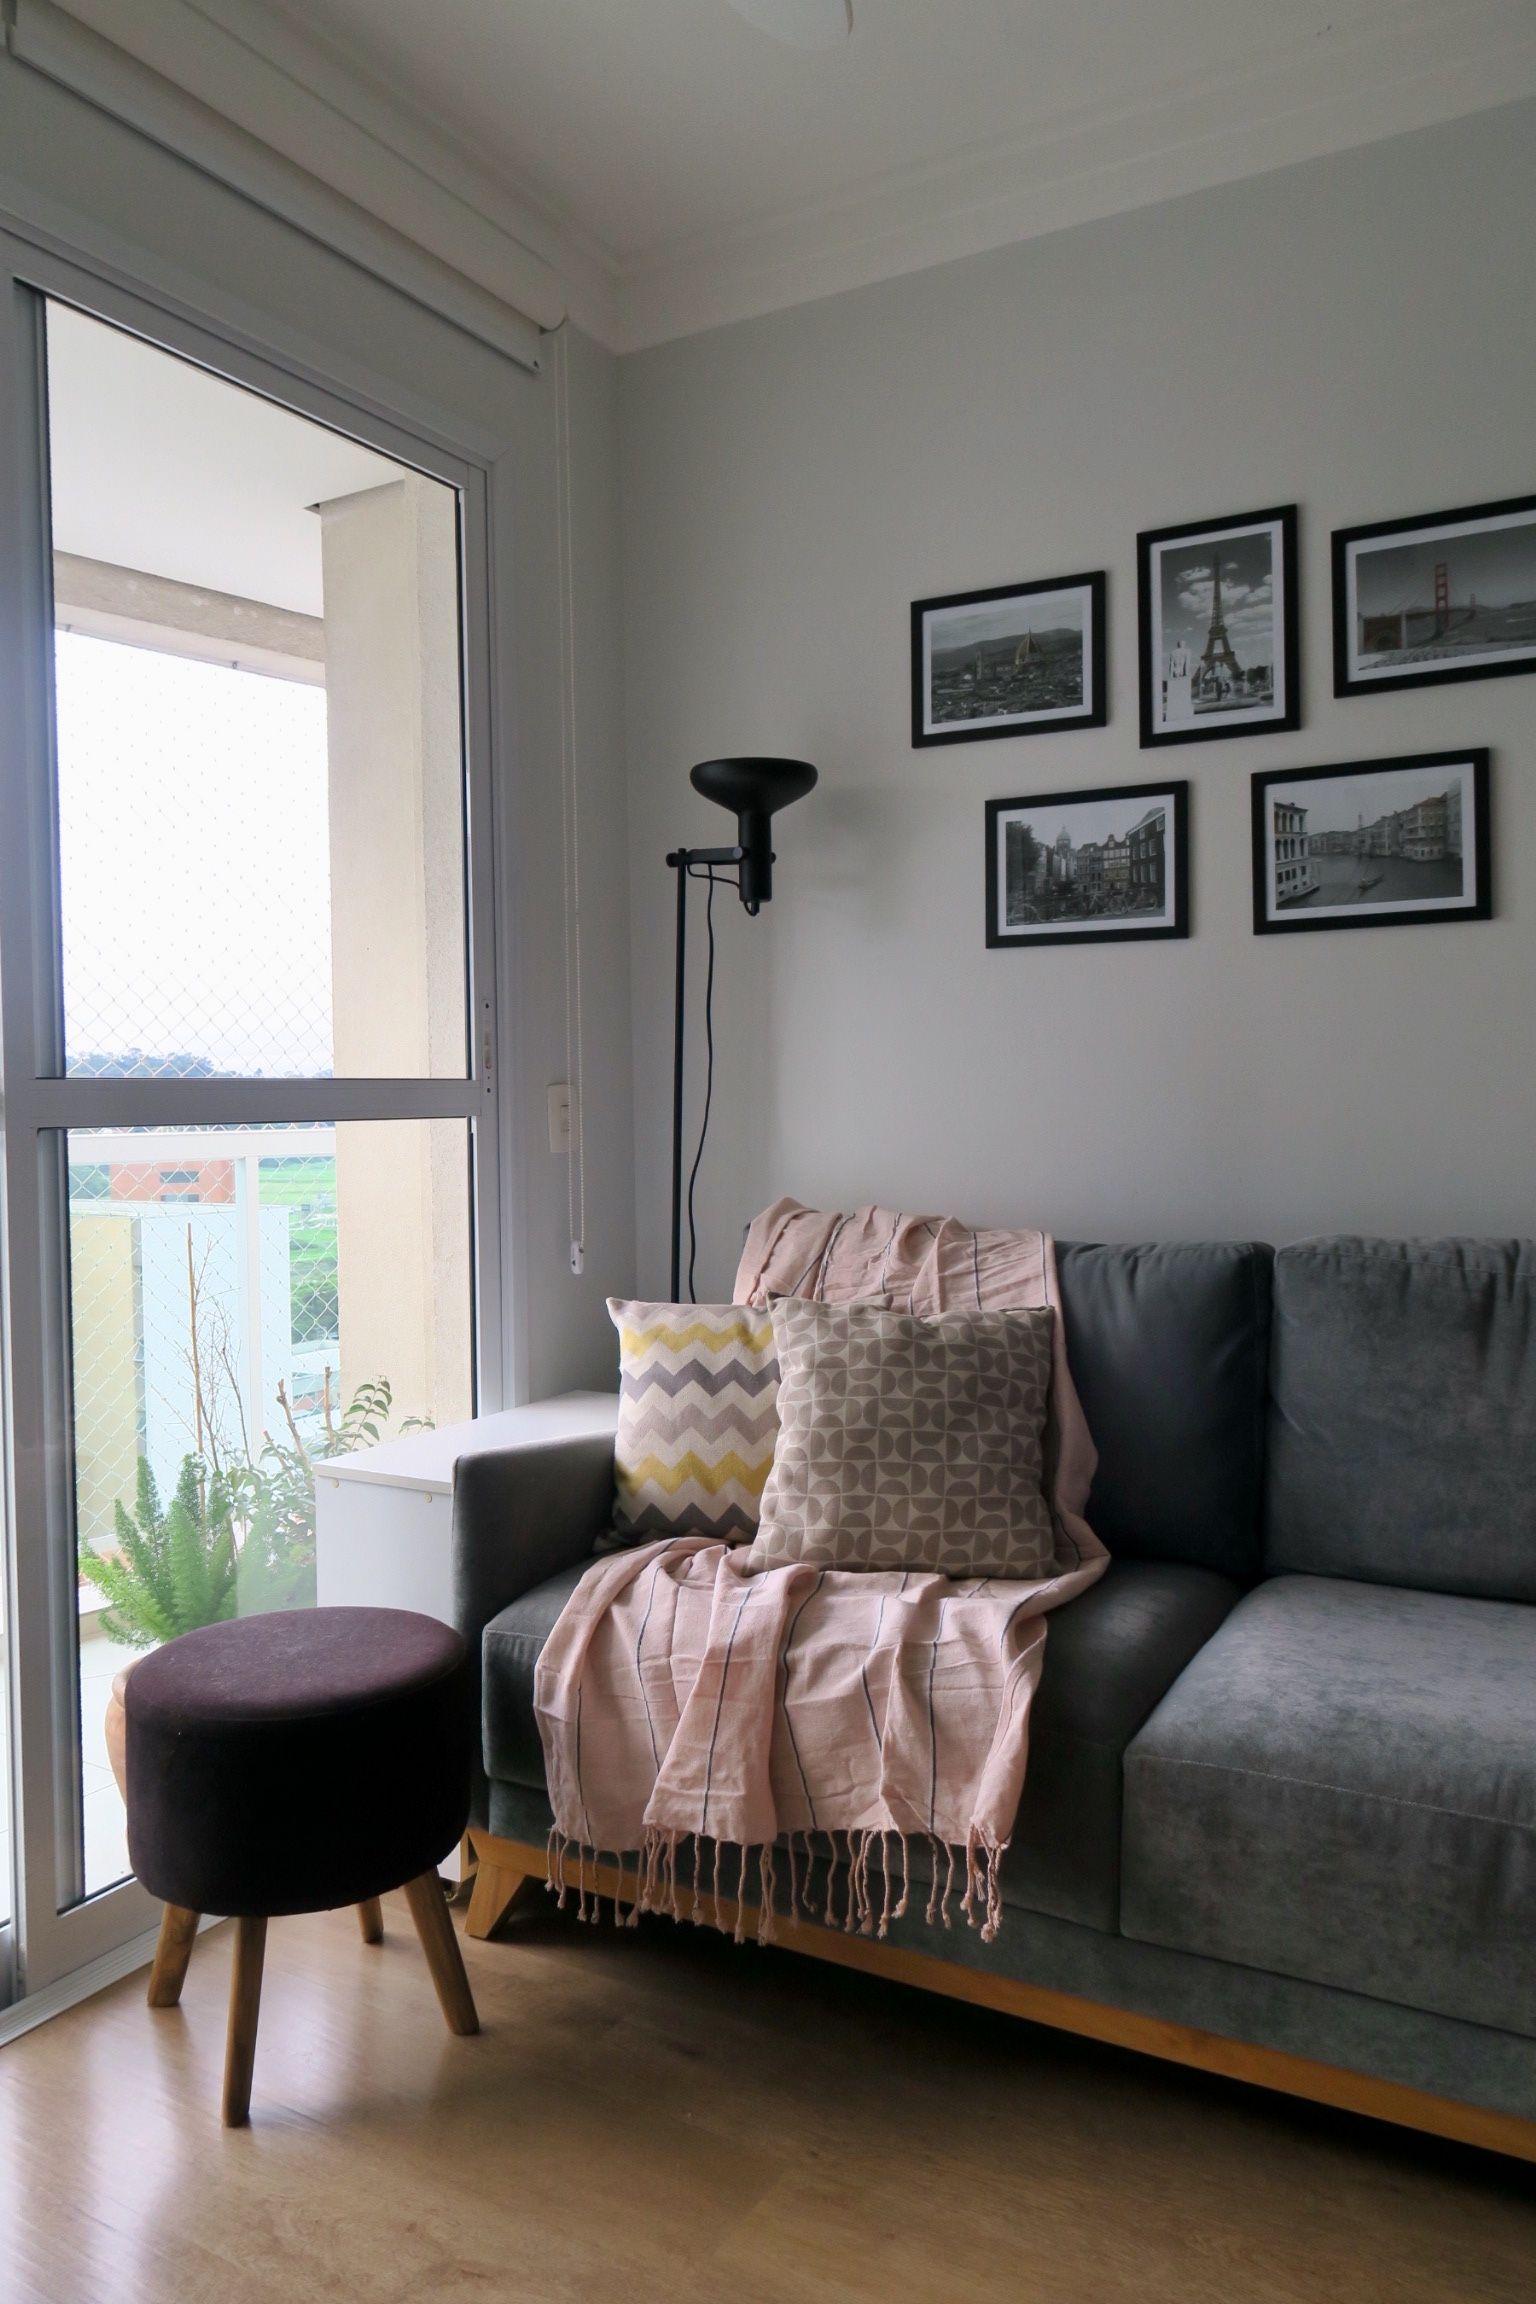 Sof cinza manta rosa quartz almofadas cinza e amarela